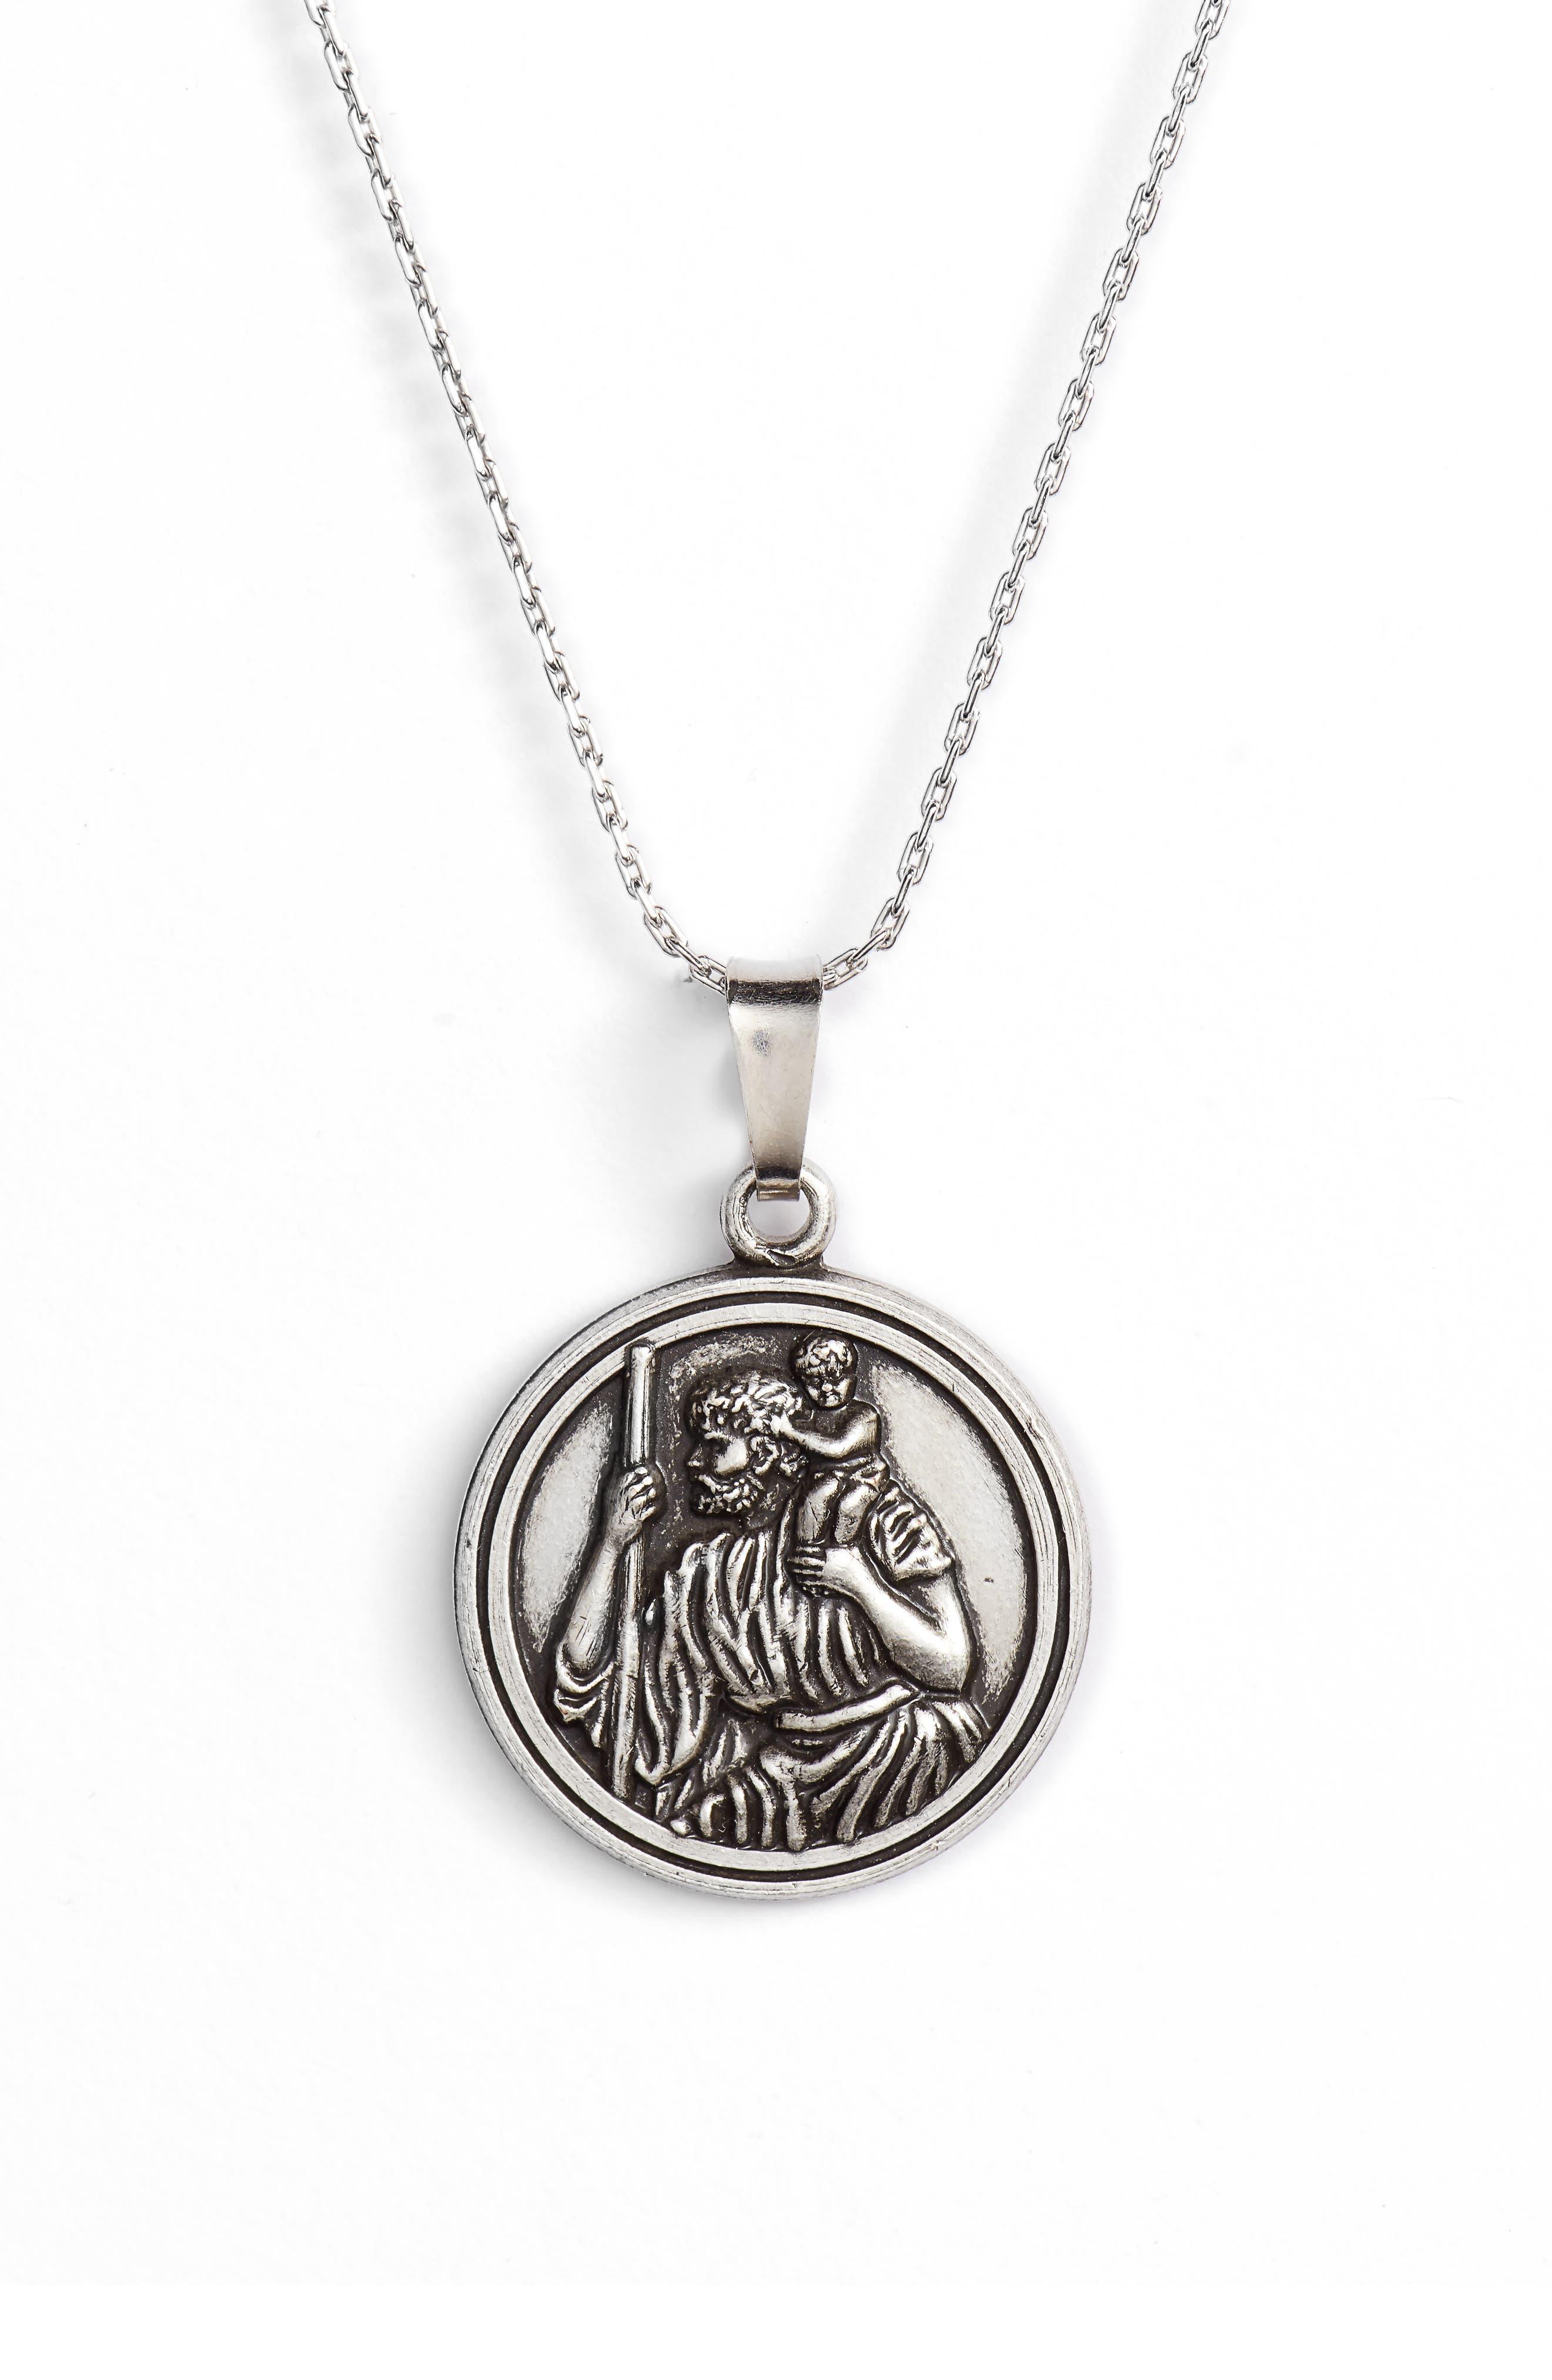 Saint Christopher Pendant Necklace,                             Main thumbnail 1, color,                             SILVER